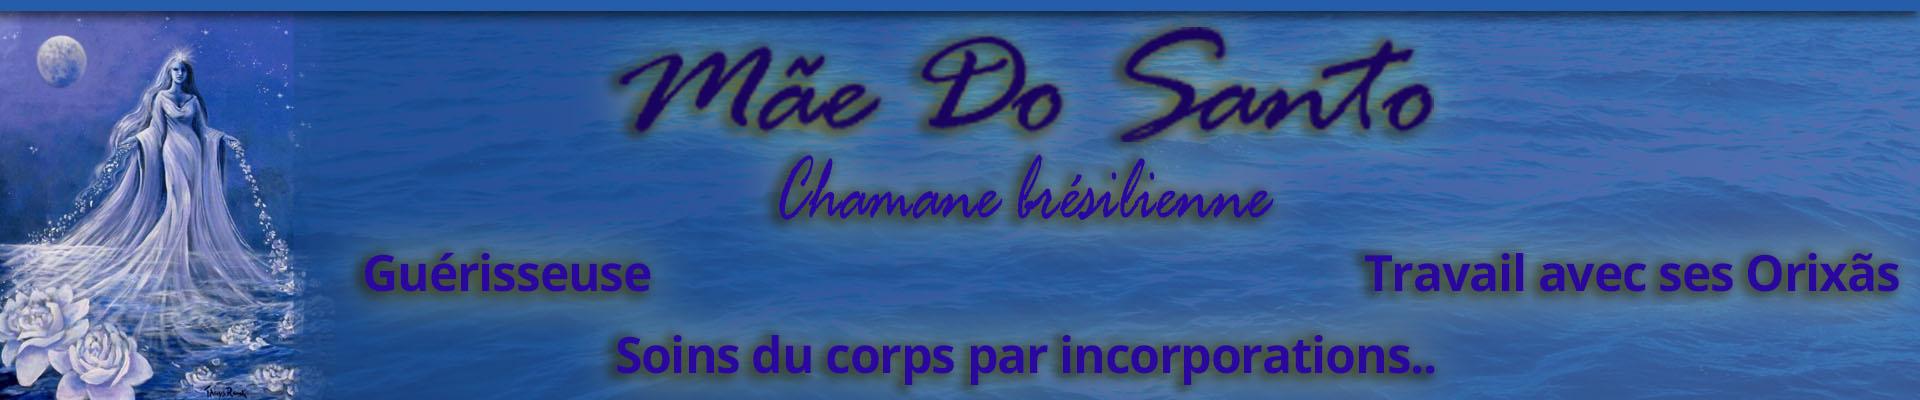 banniere1